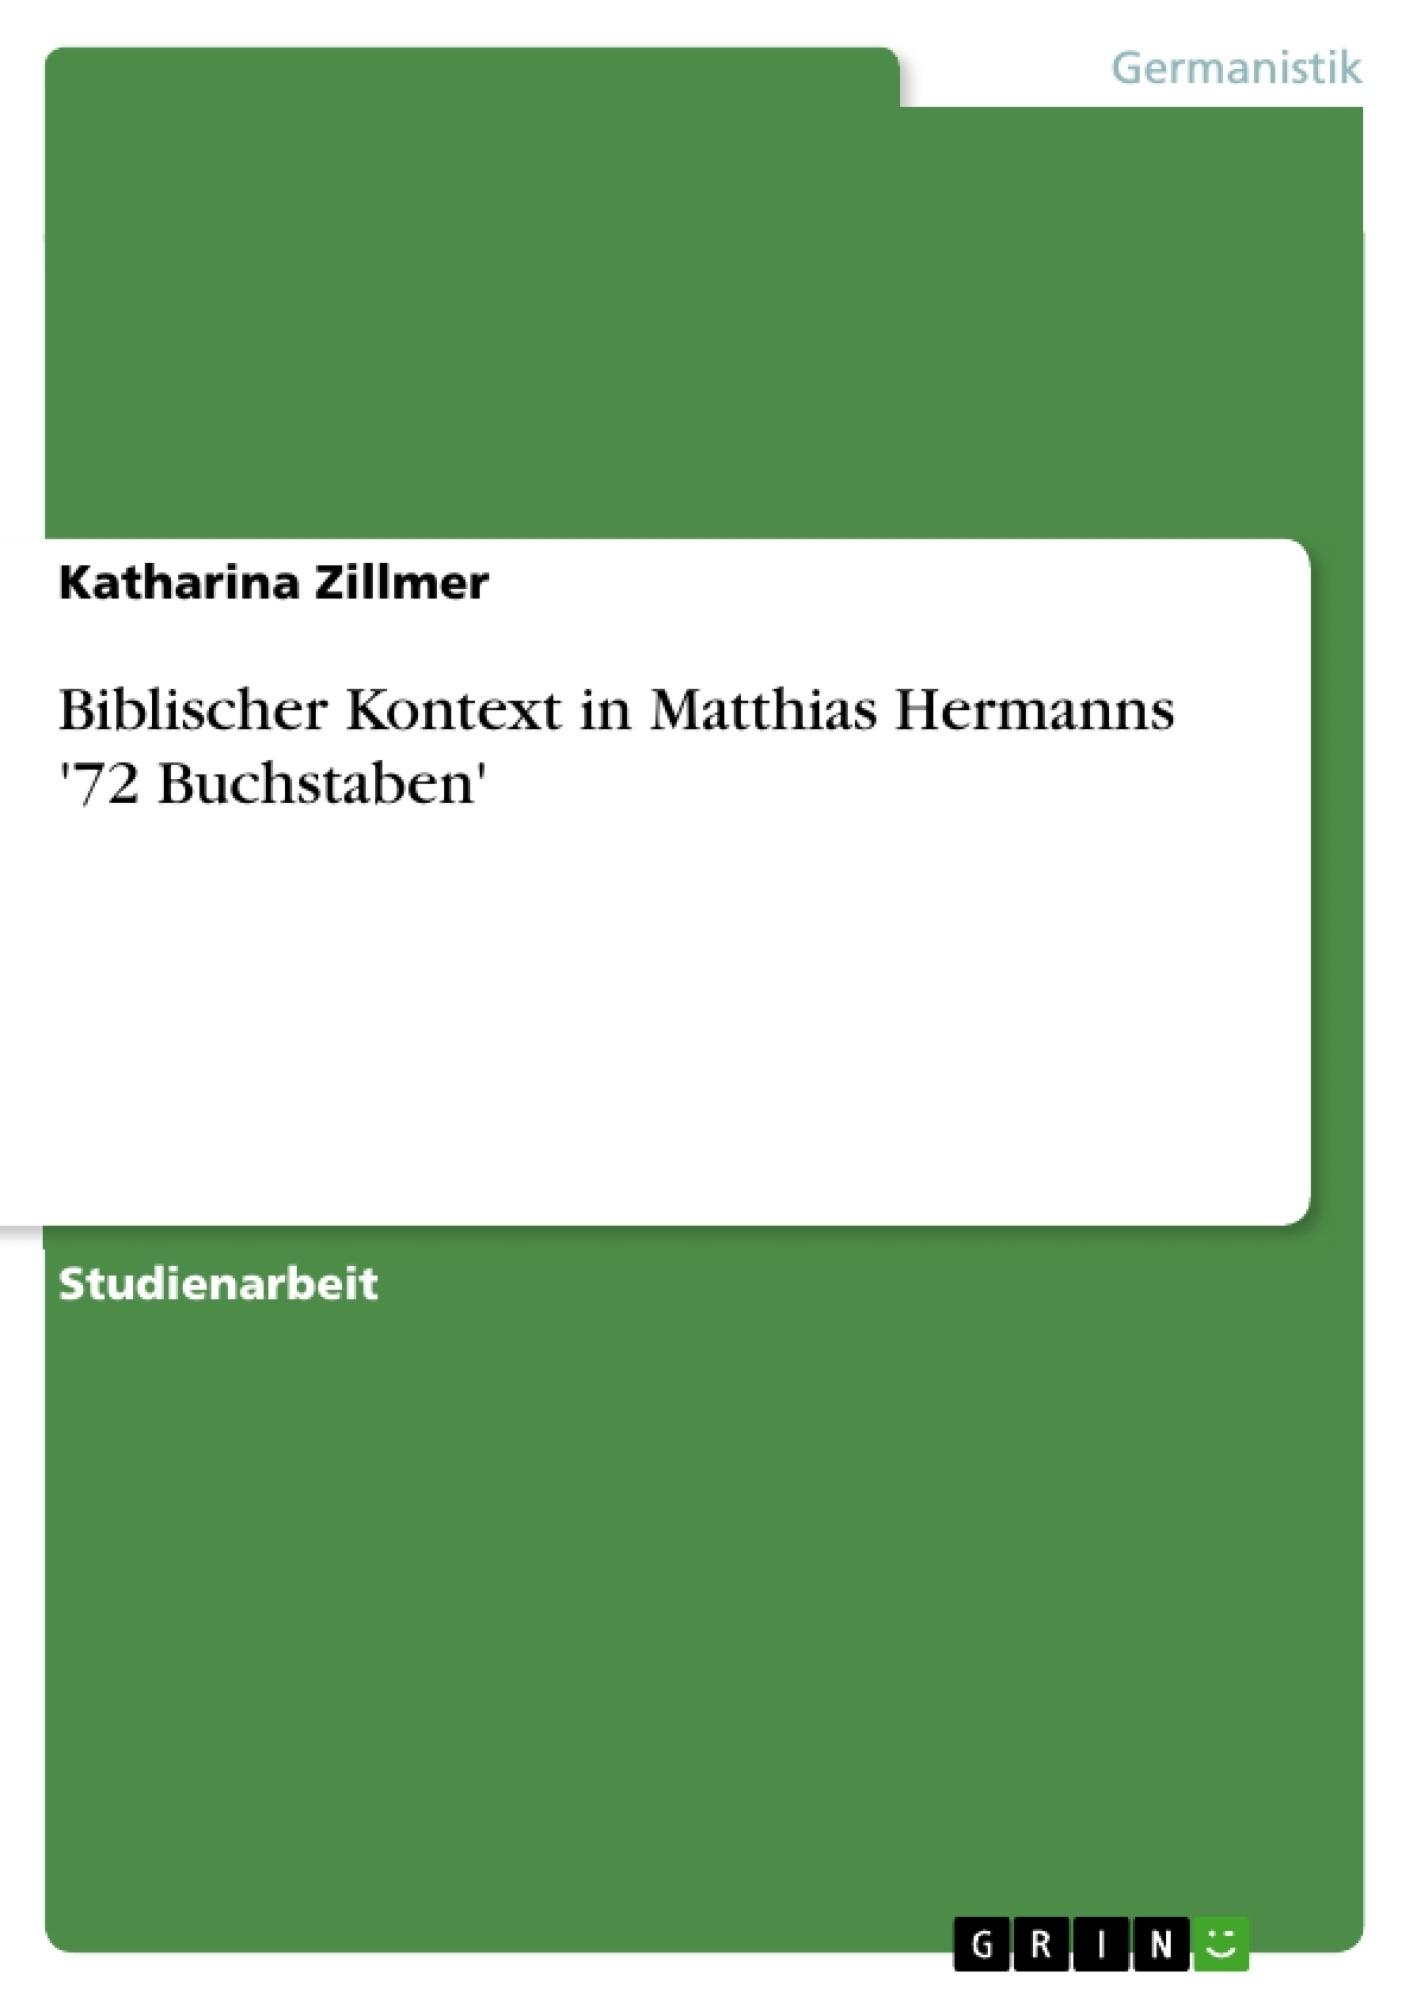 Titel: Biblischer Kontext in Matthias Hermanns '72 Buchstaben'